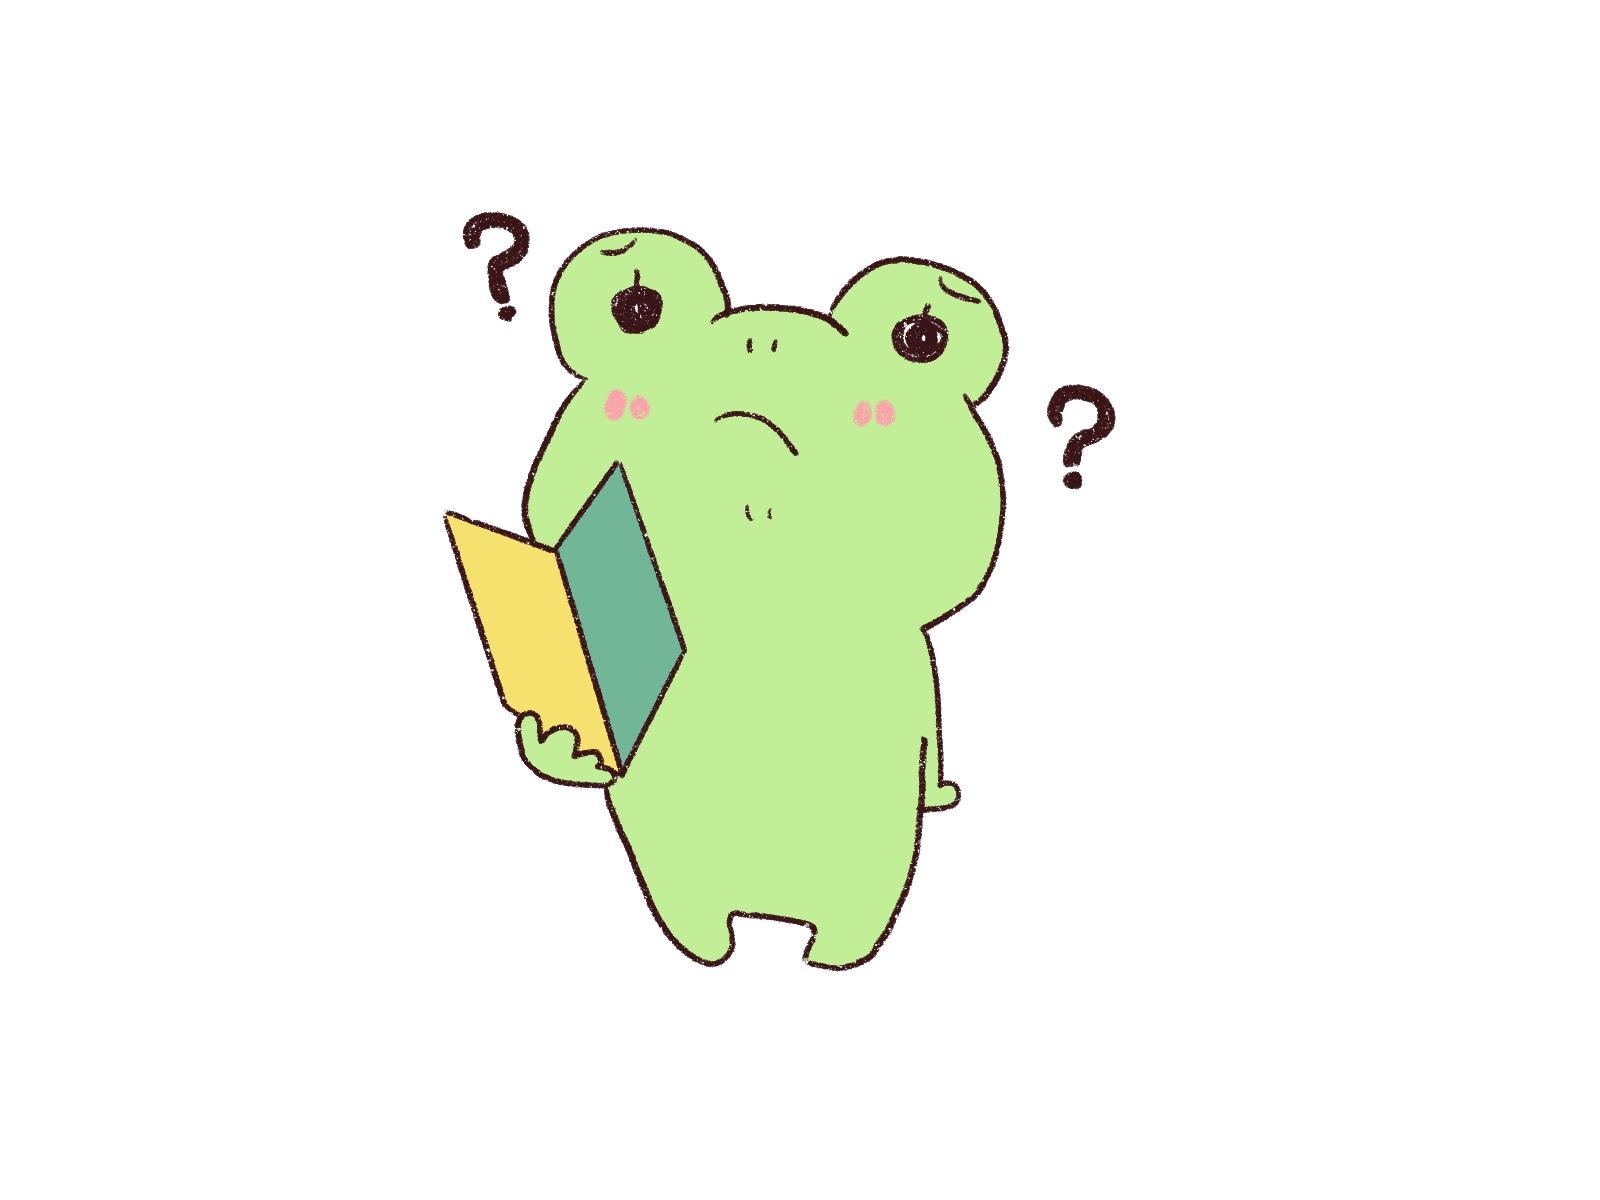 緑のカエルが初心者マークを持ってハテナ中